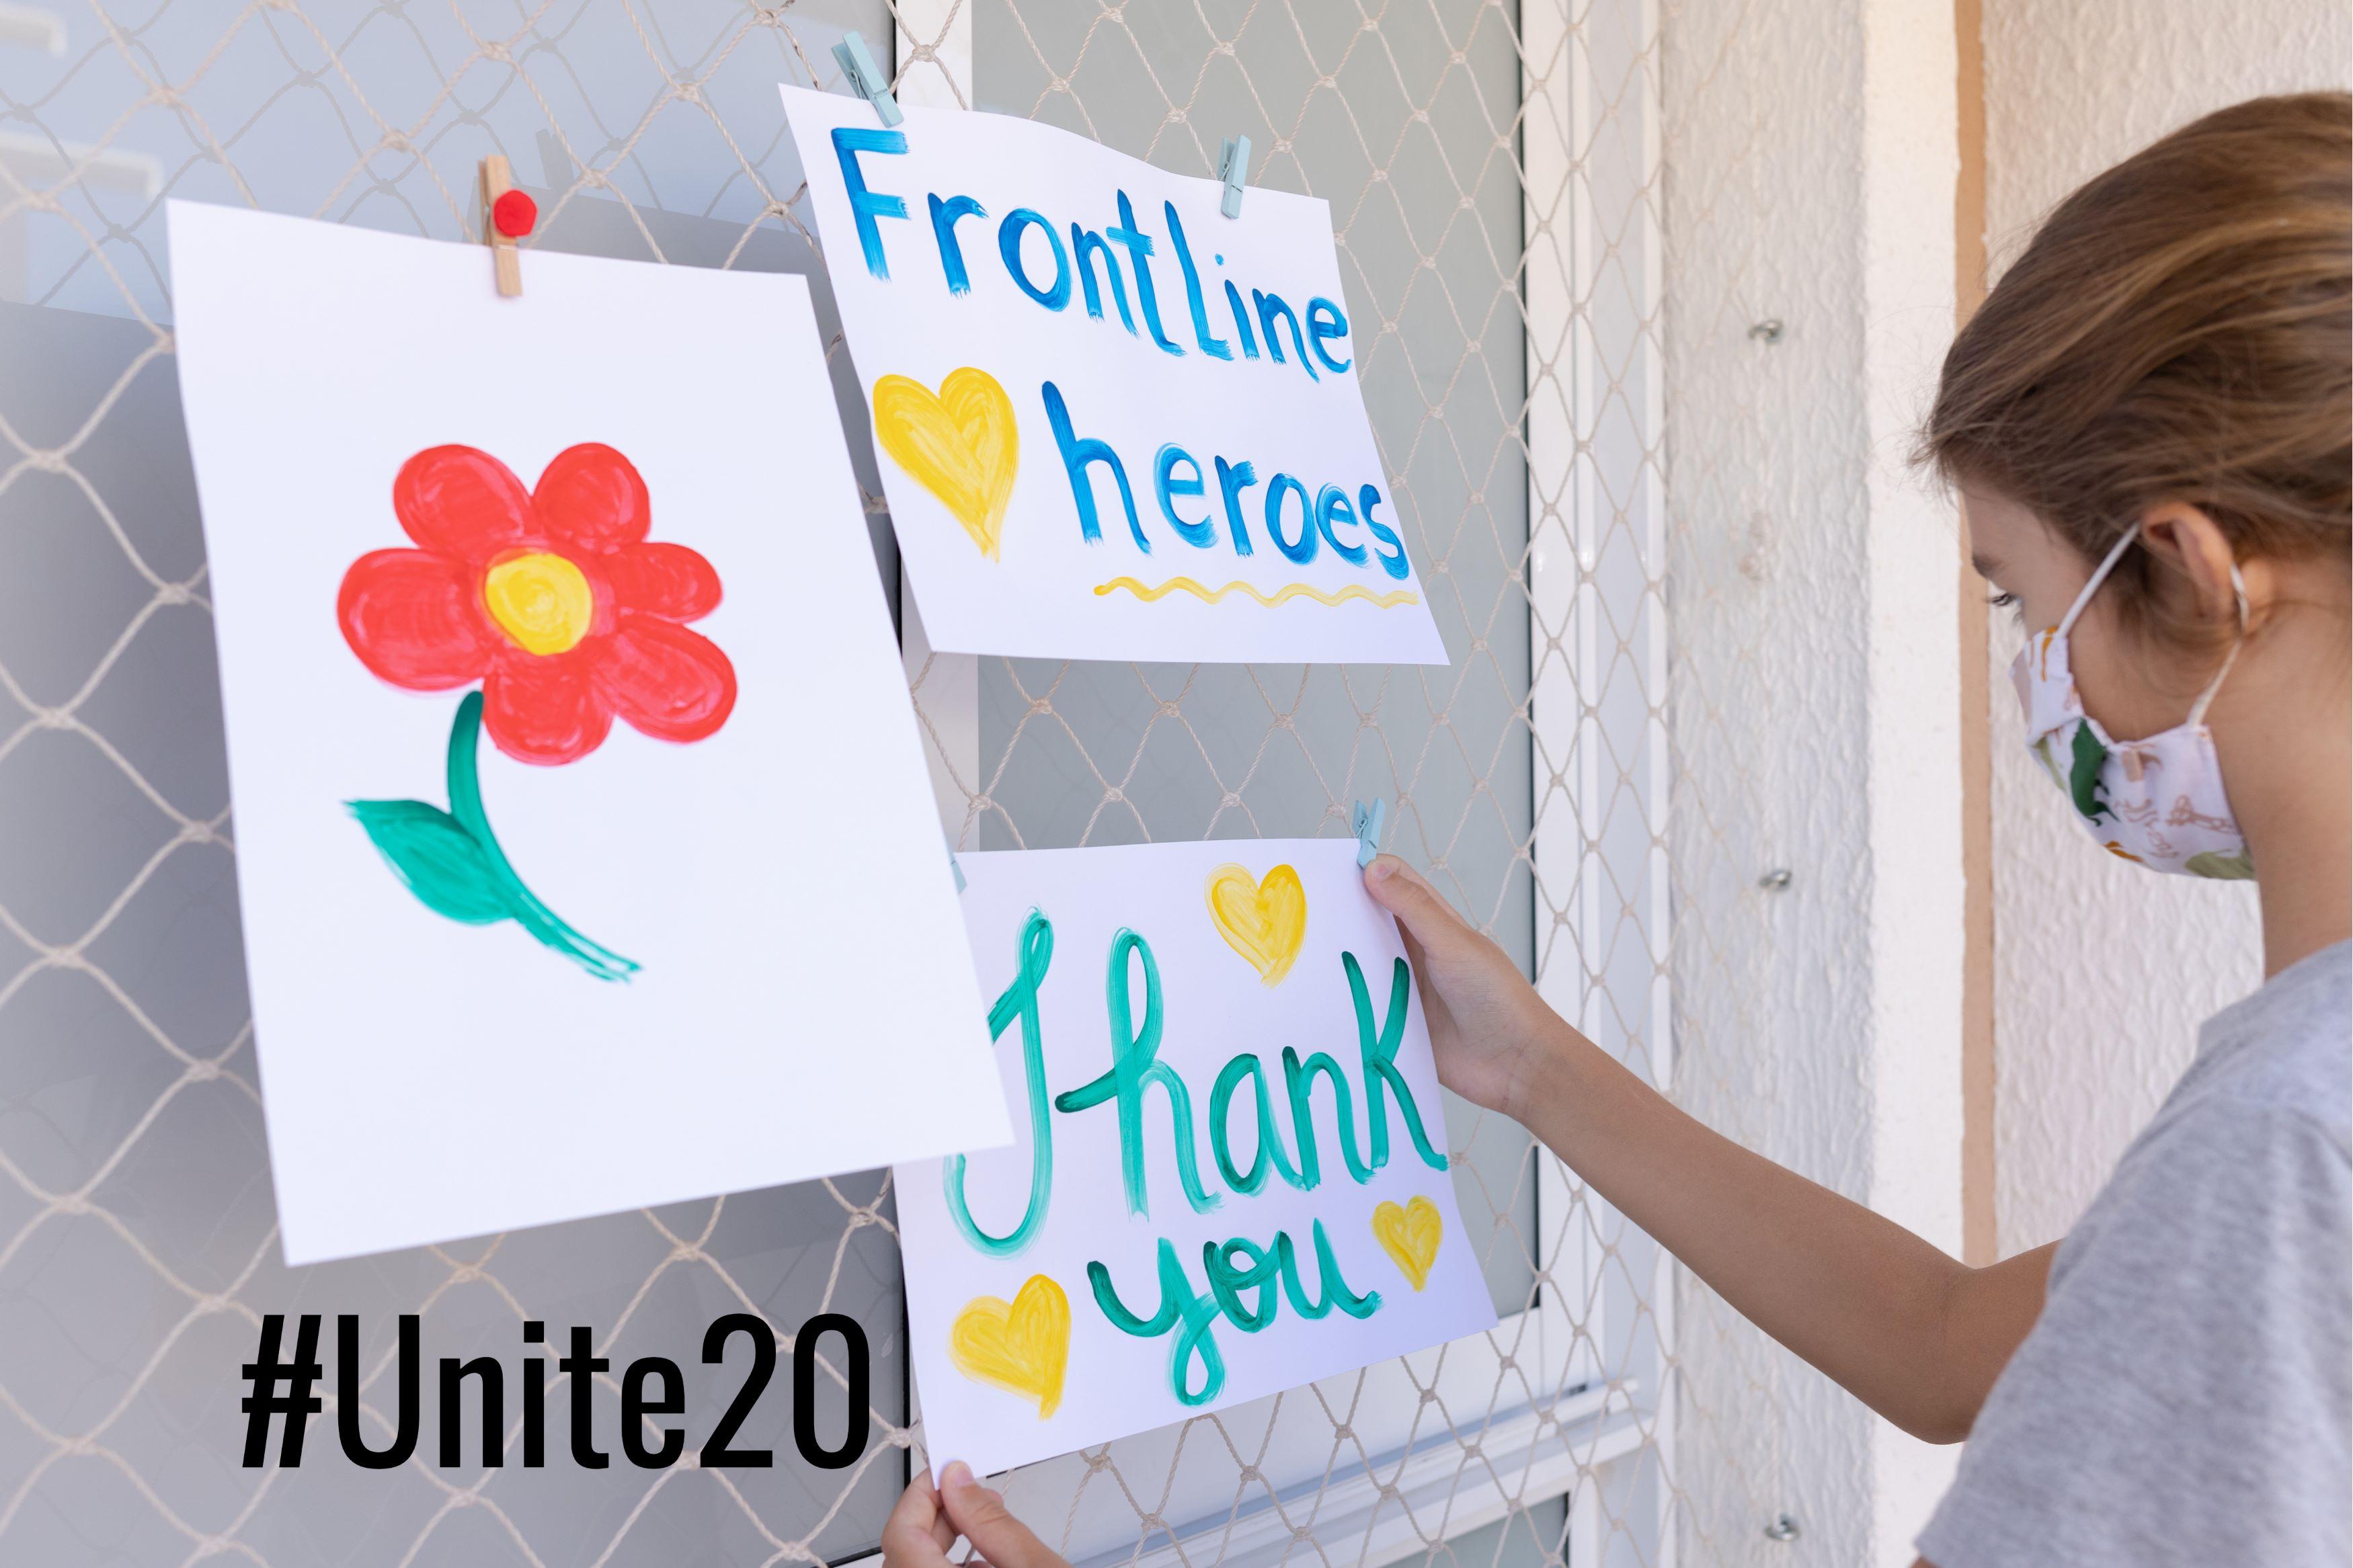 #unite20 Shutterstock